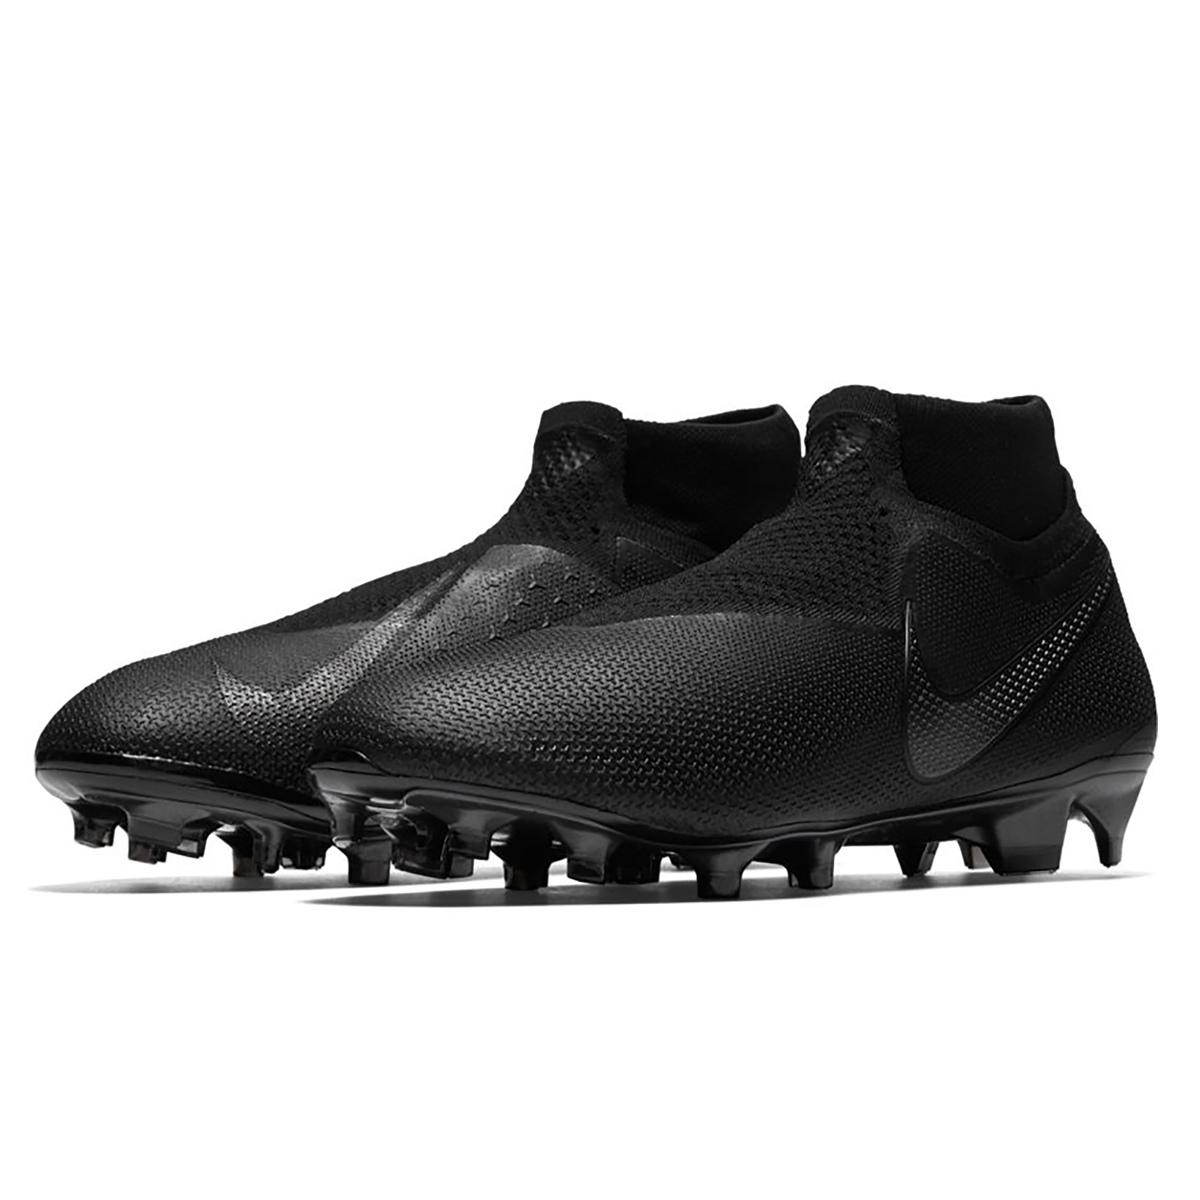 scarpe calcio uomo 2018 nike